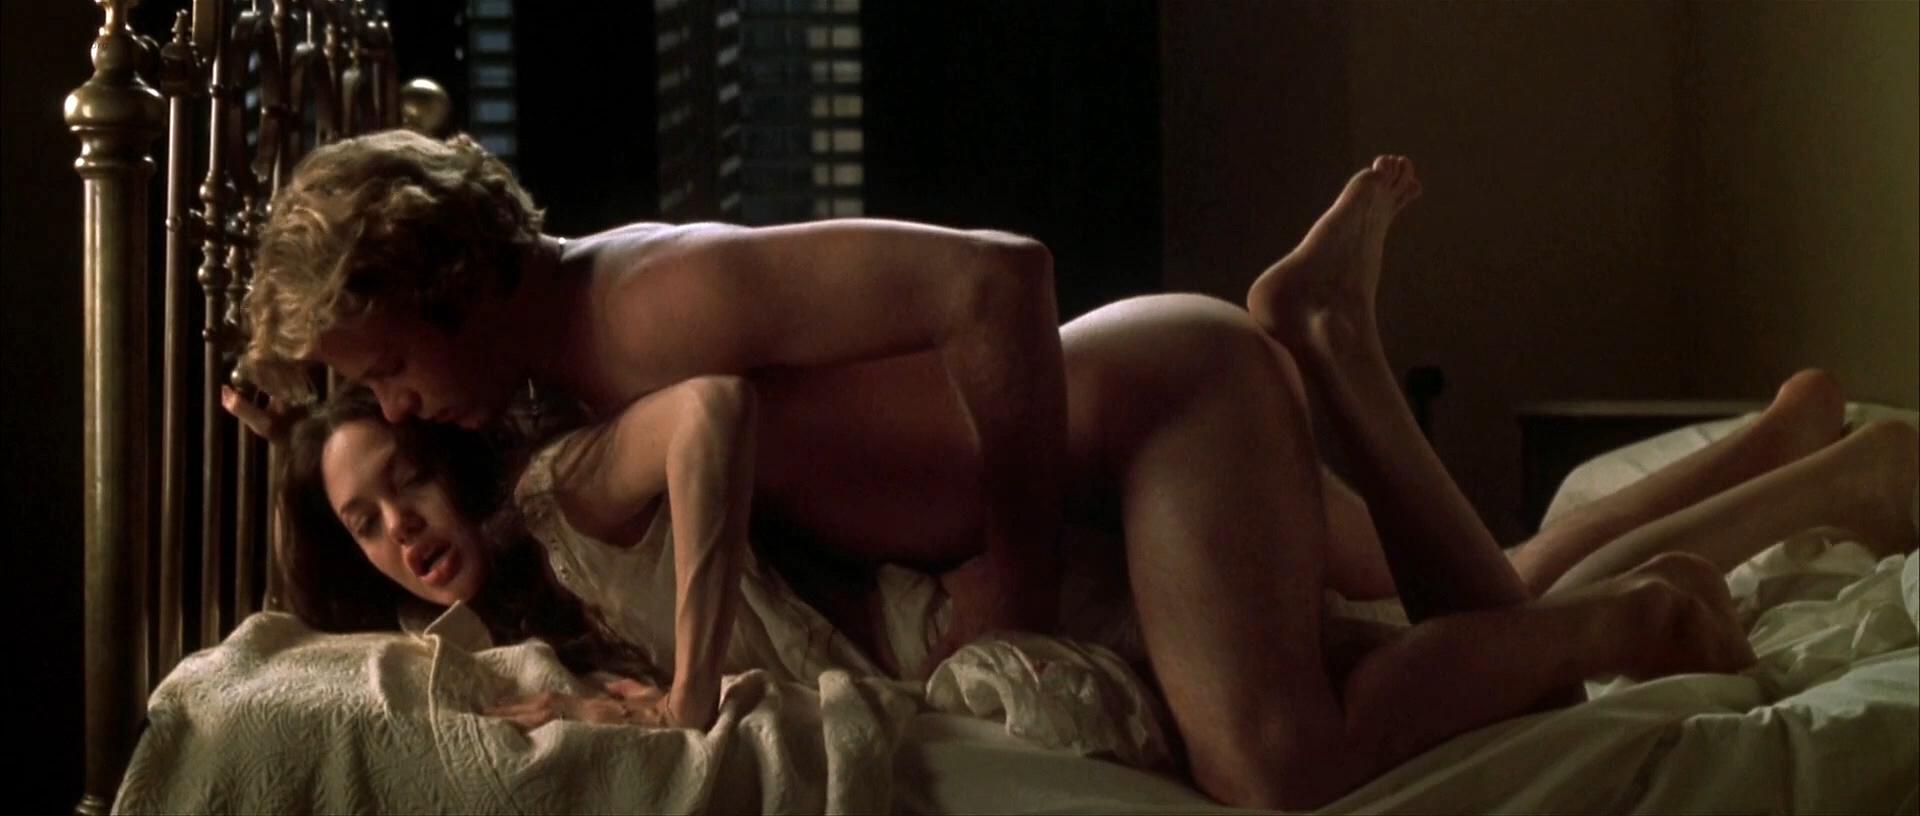 chloe moretz naked pics